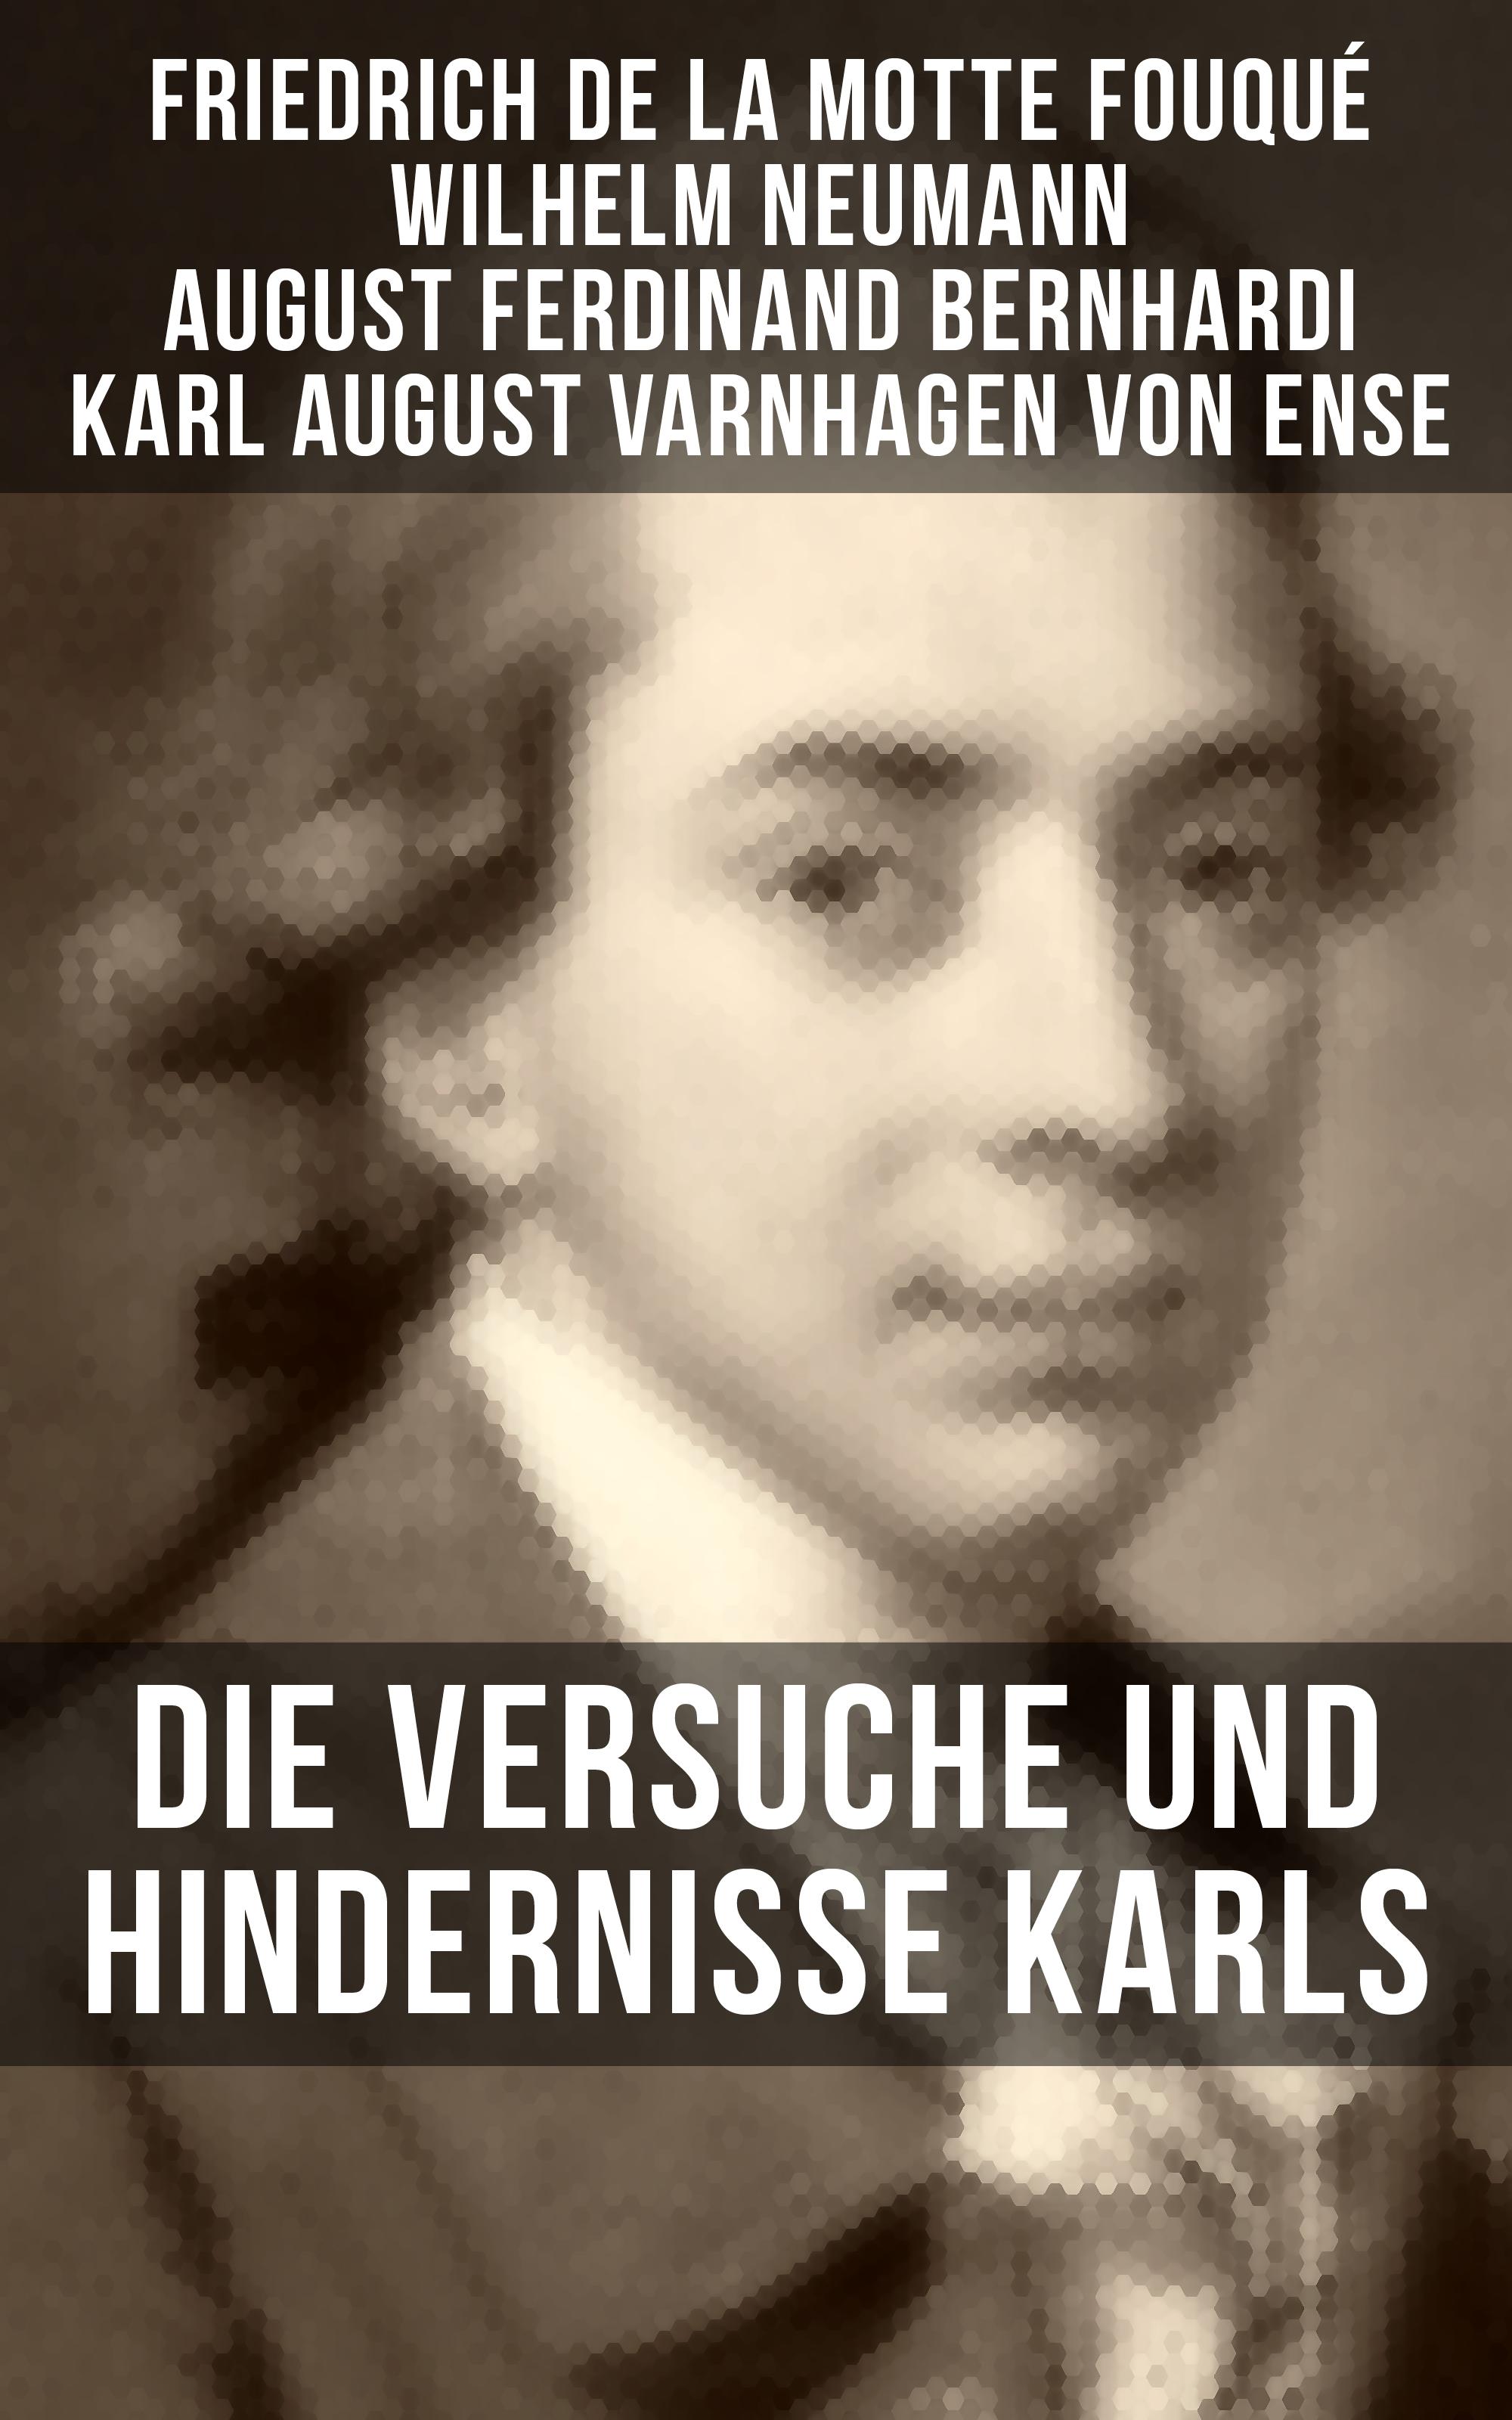 Friedrich de la Motte Fouque Die Versuche und Hindernisse Karls